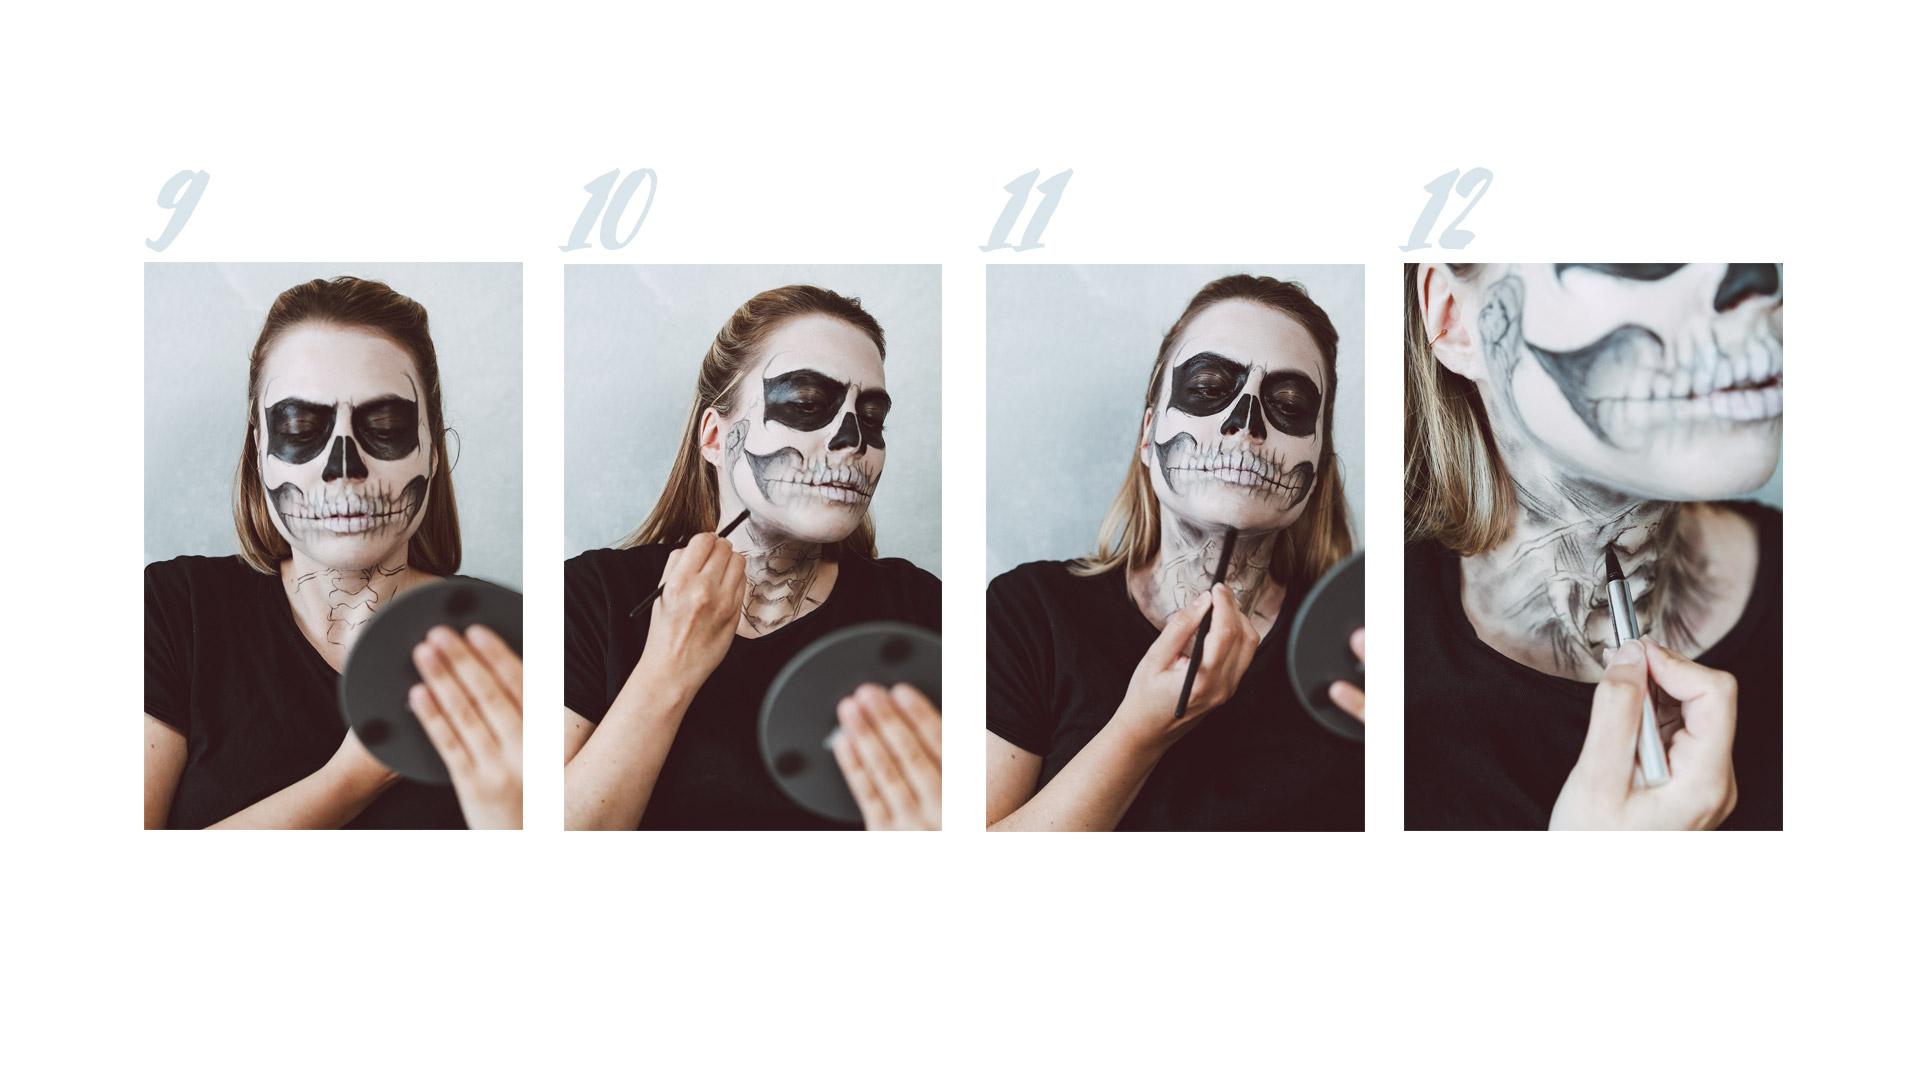 gesicht skelett malen